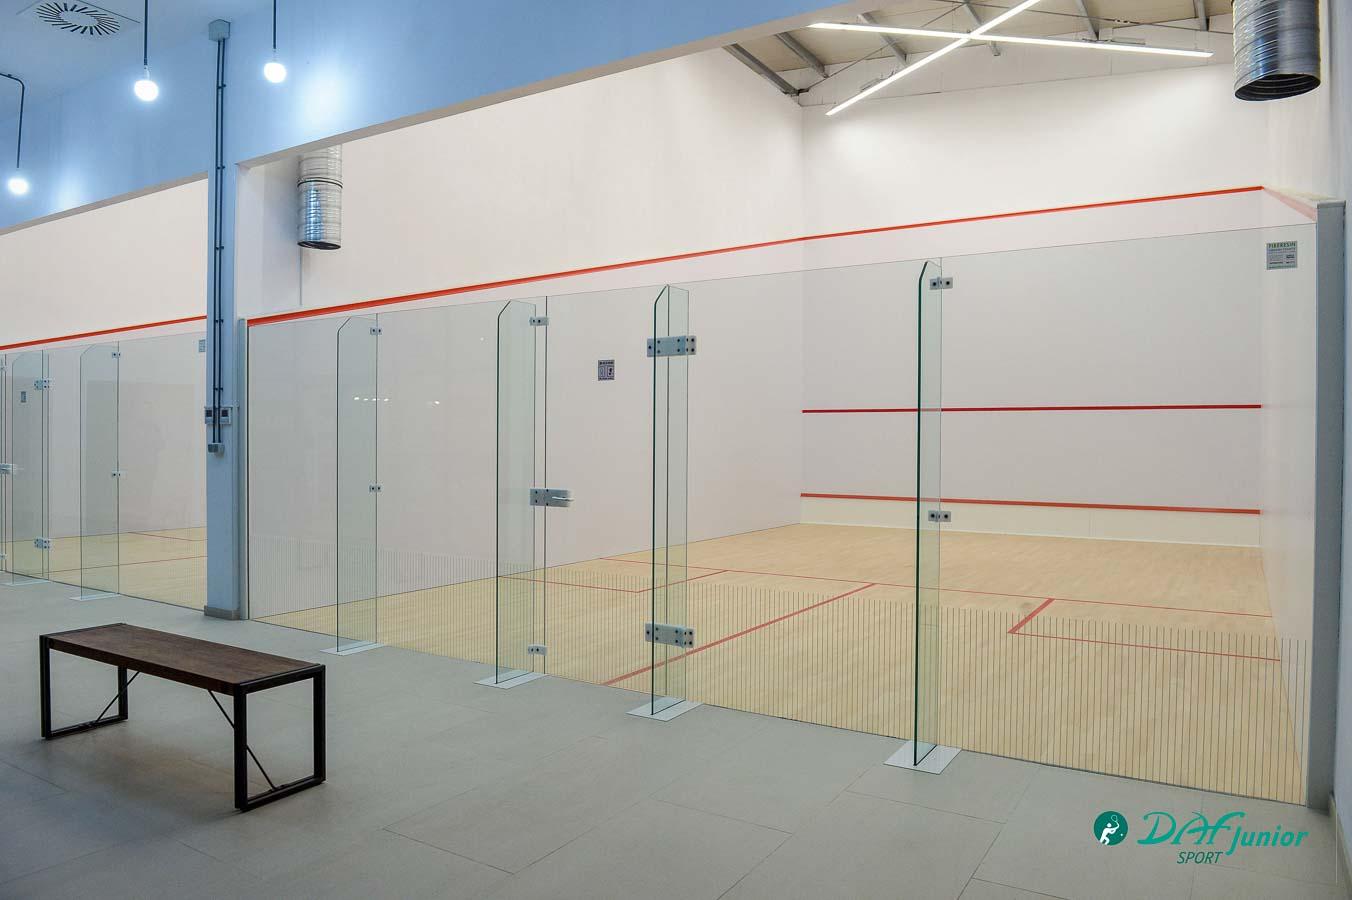 daf-sport-gallery-4